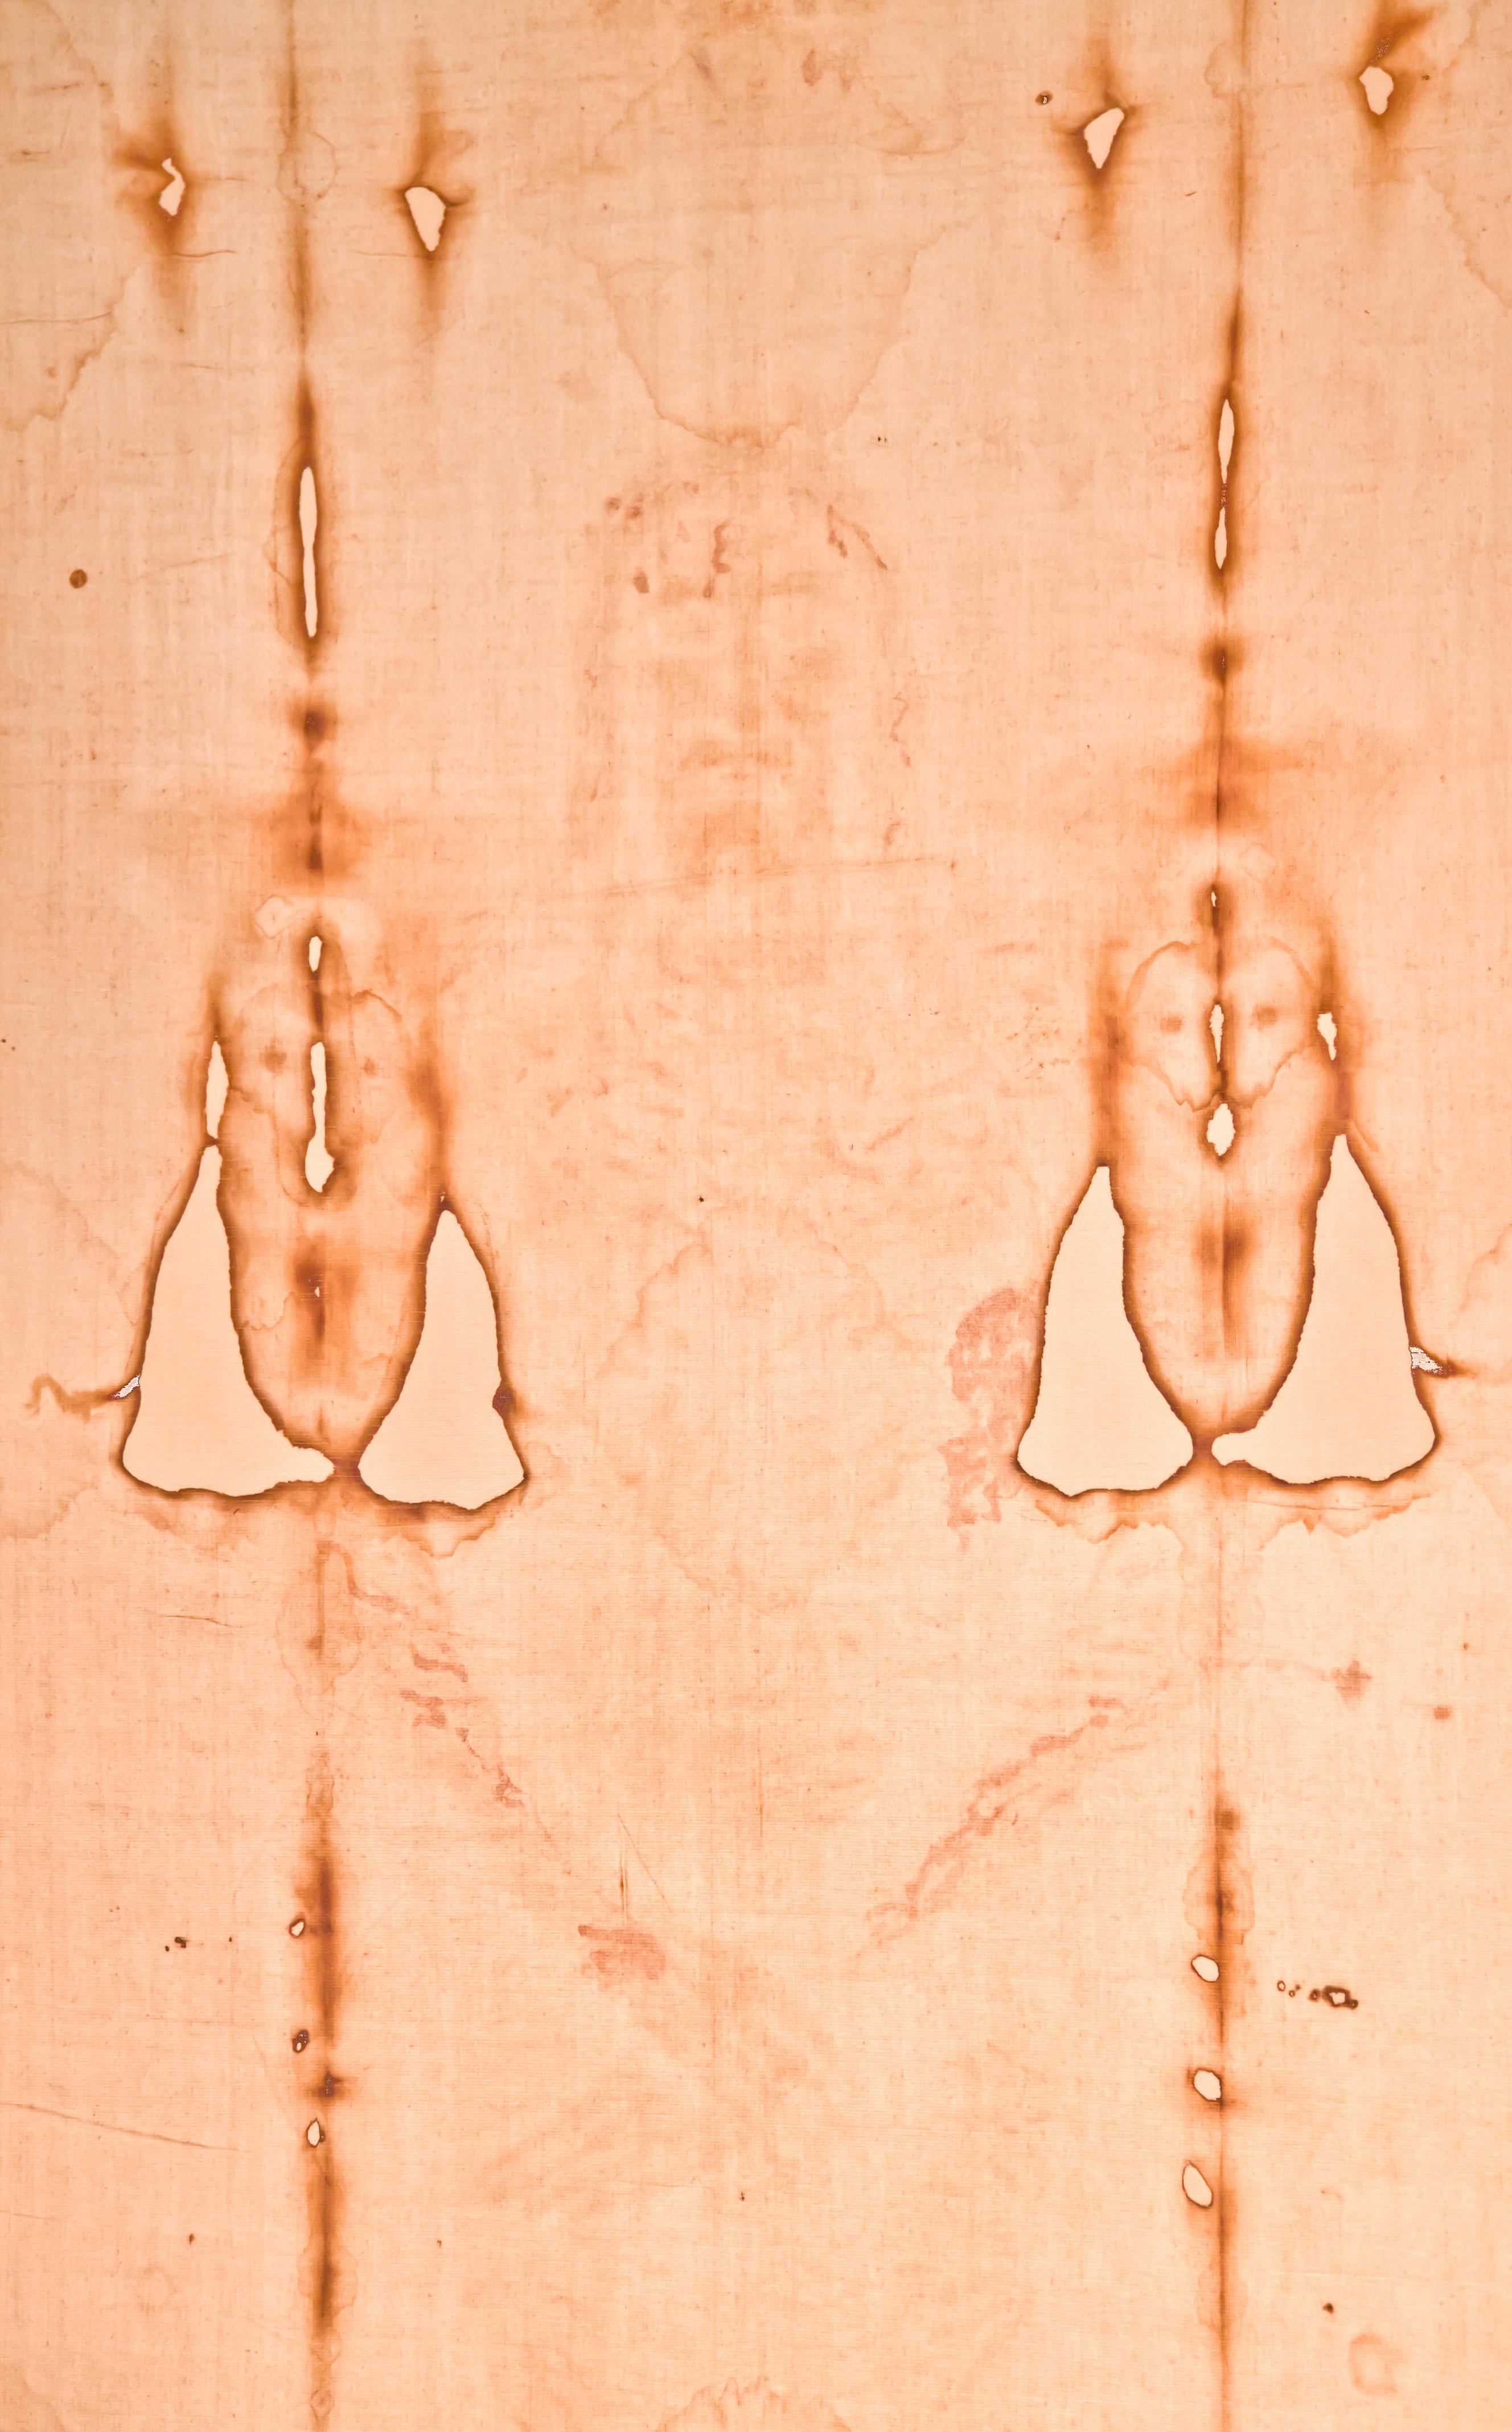 Jedyną możliwą przyczyną zaistnienia obrazów na Całunie było Zmartwychwstanie.